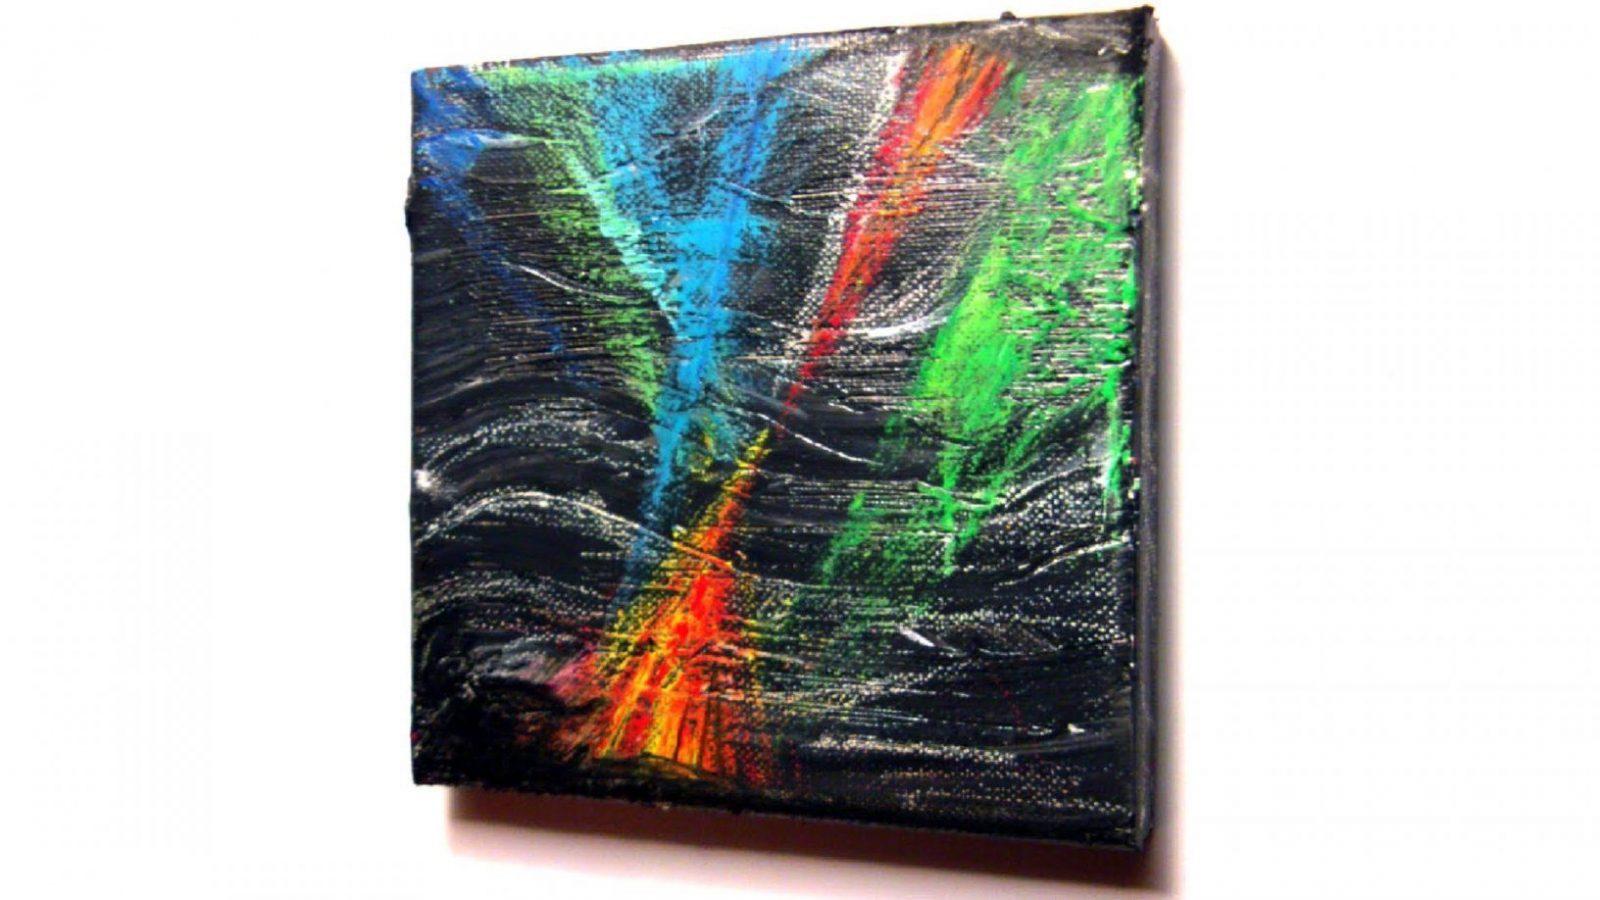 Abstrakt Malen Mit Acryl Und Ölkreide (Abstract Painting With von Abstrakte Bilder Selber Malen Photo